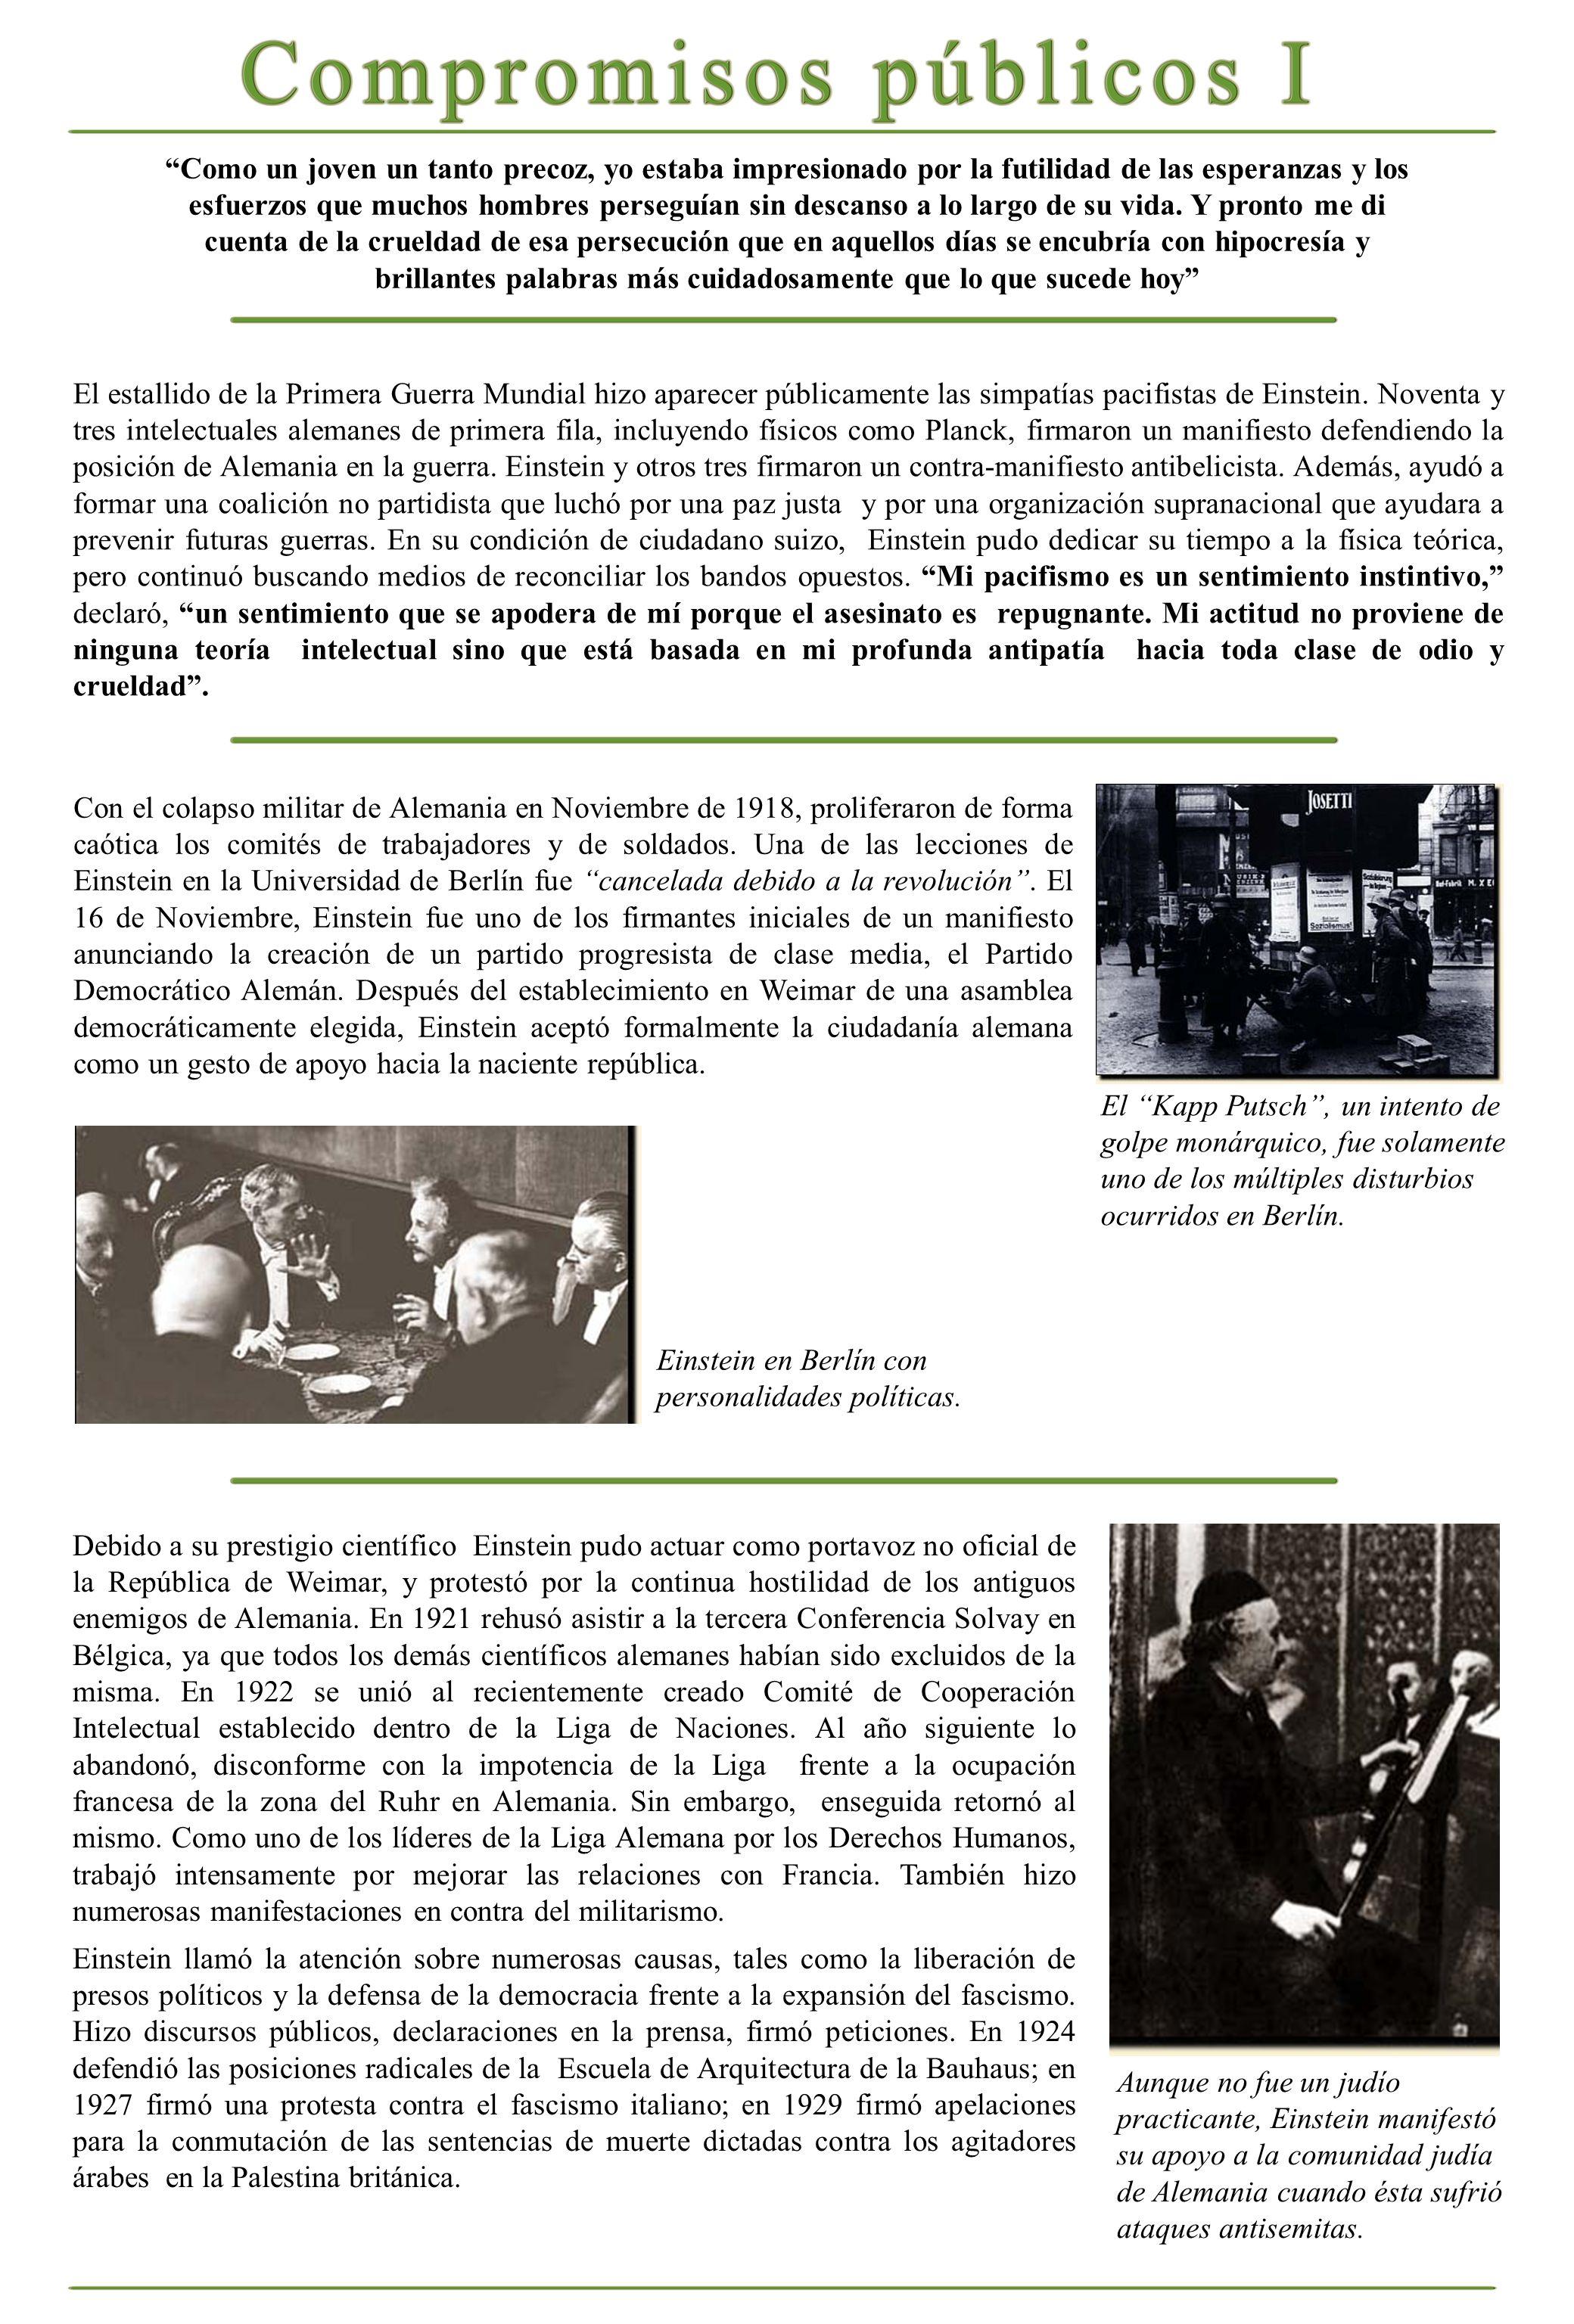 El estallido de la Primera Guerra Mundial hizo aparecer públicamente las simpatías pacifistas de Einstein. Noventa y tres intelectuales alemanes de pr